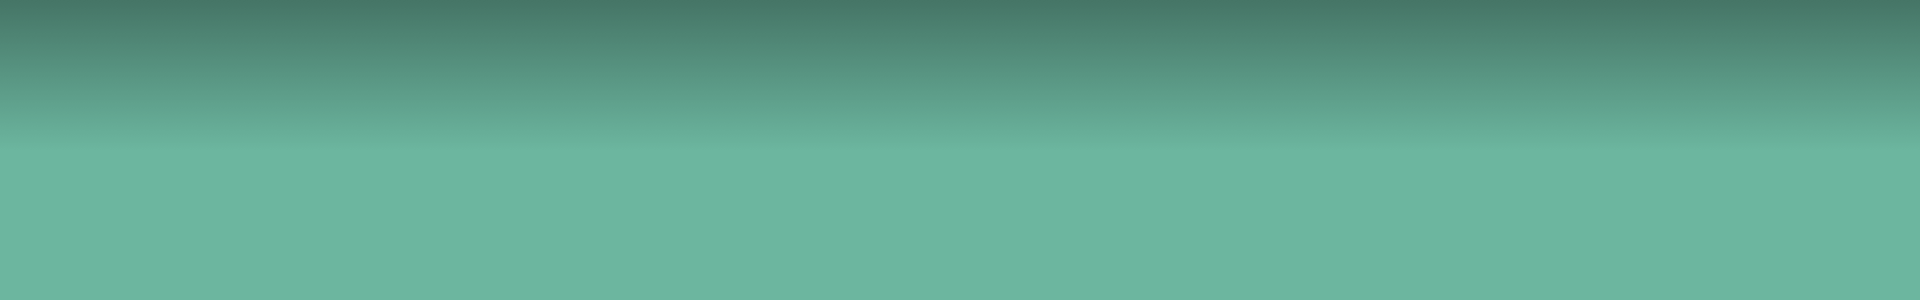 green groen